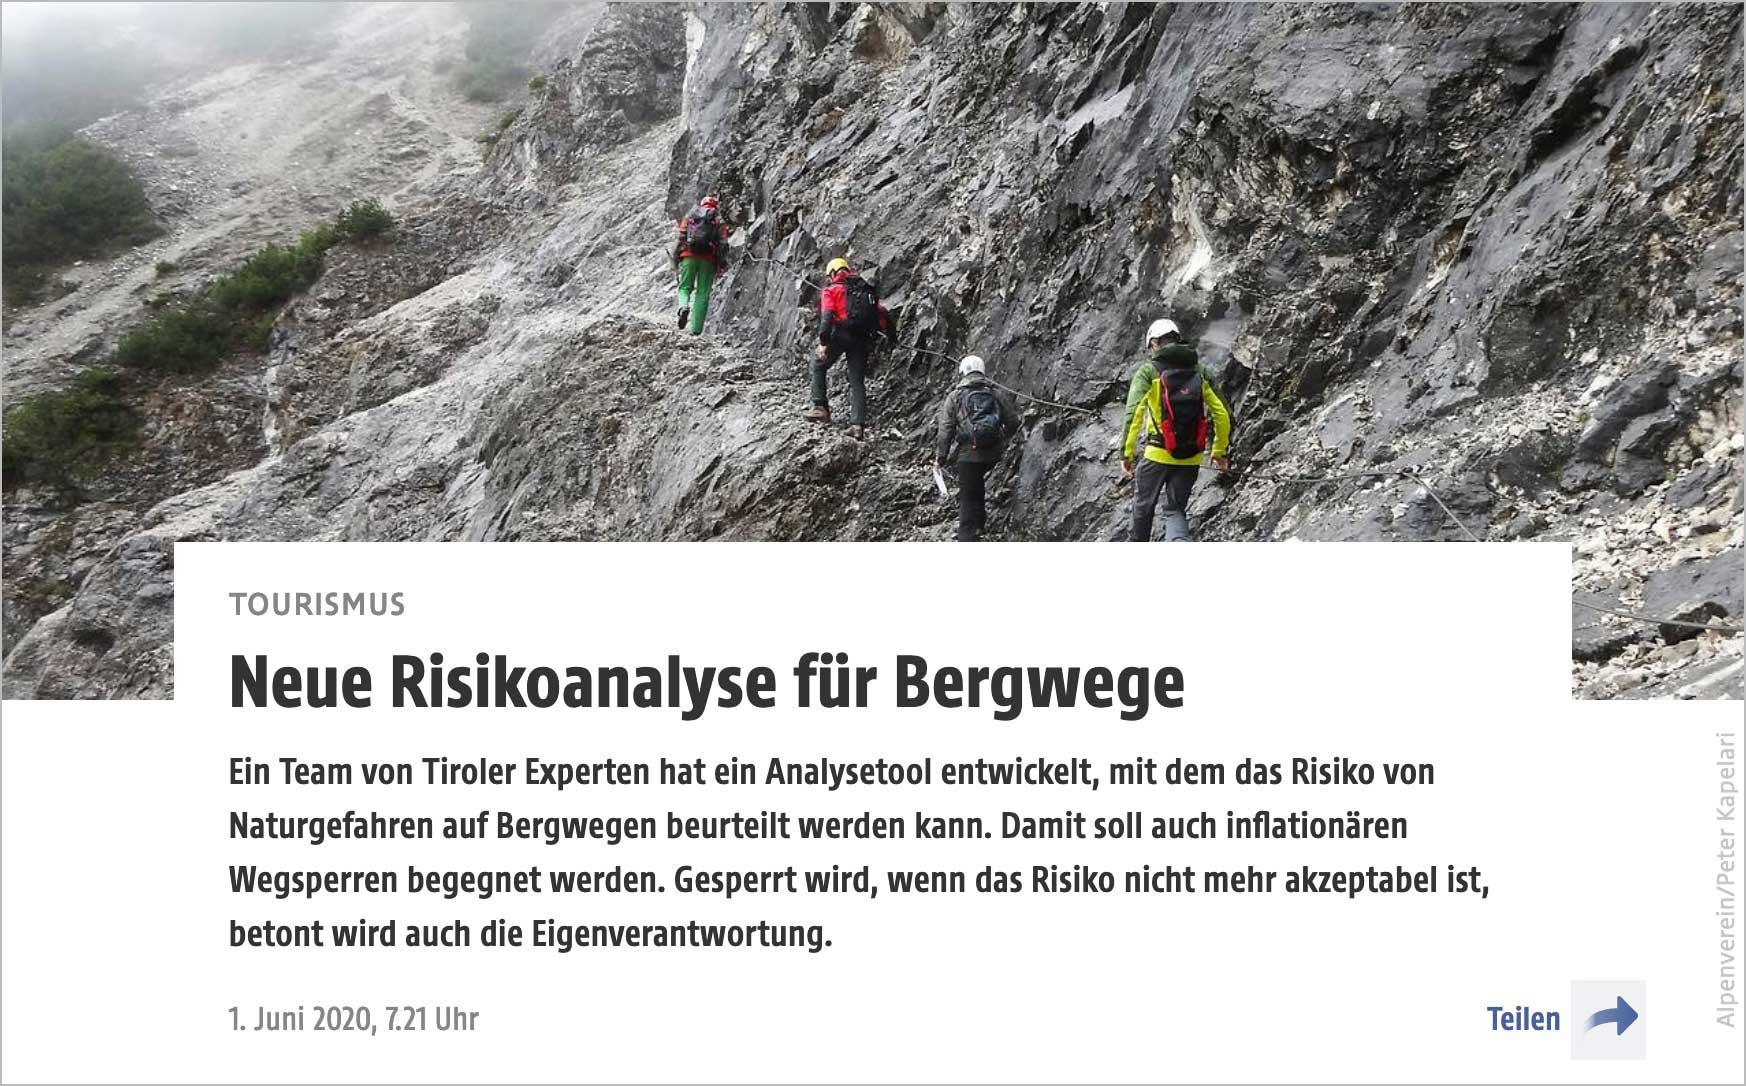 Neue Risikoanalyse für Bergwege, Presseartikel | LO.LA Alpine Safety Management